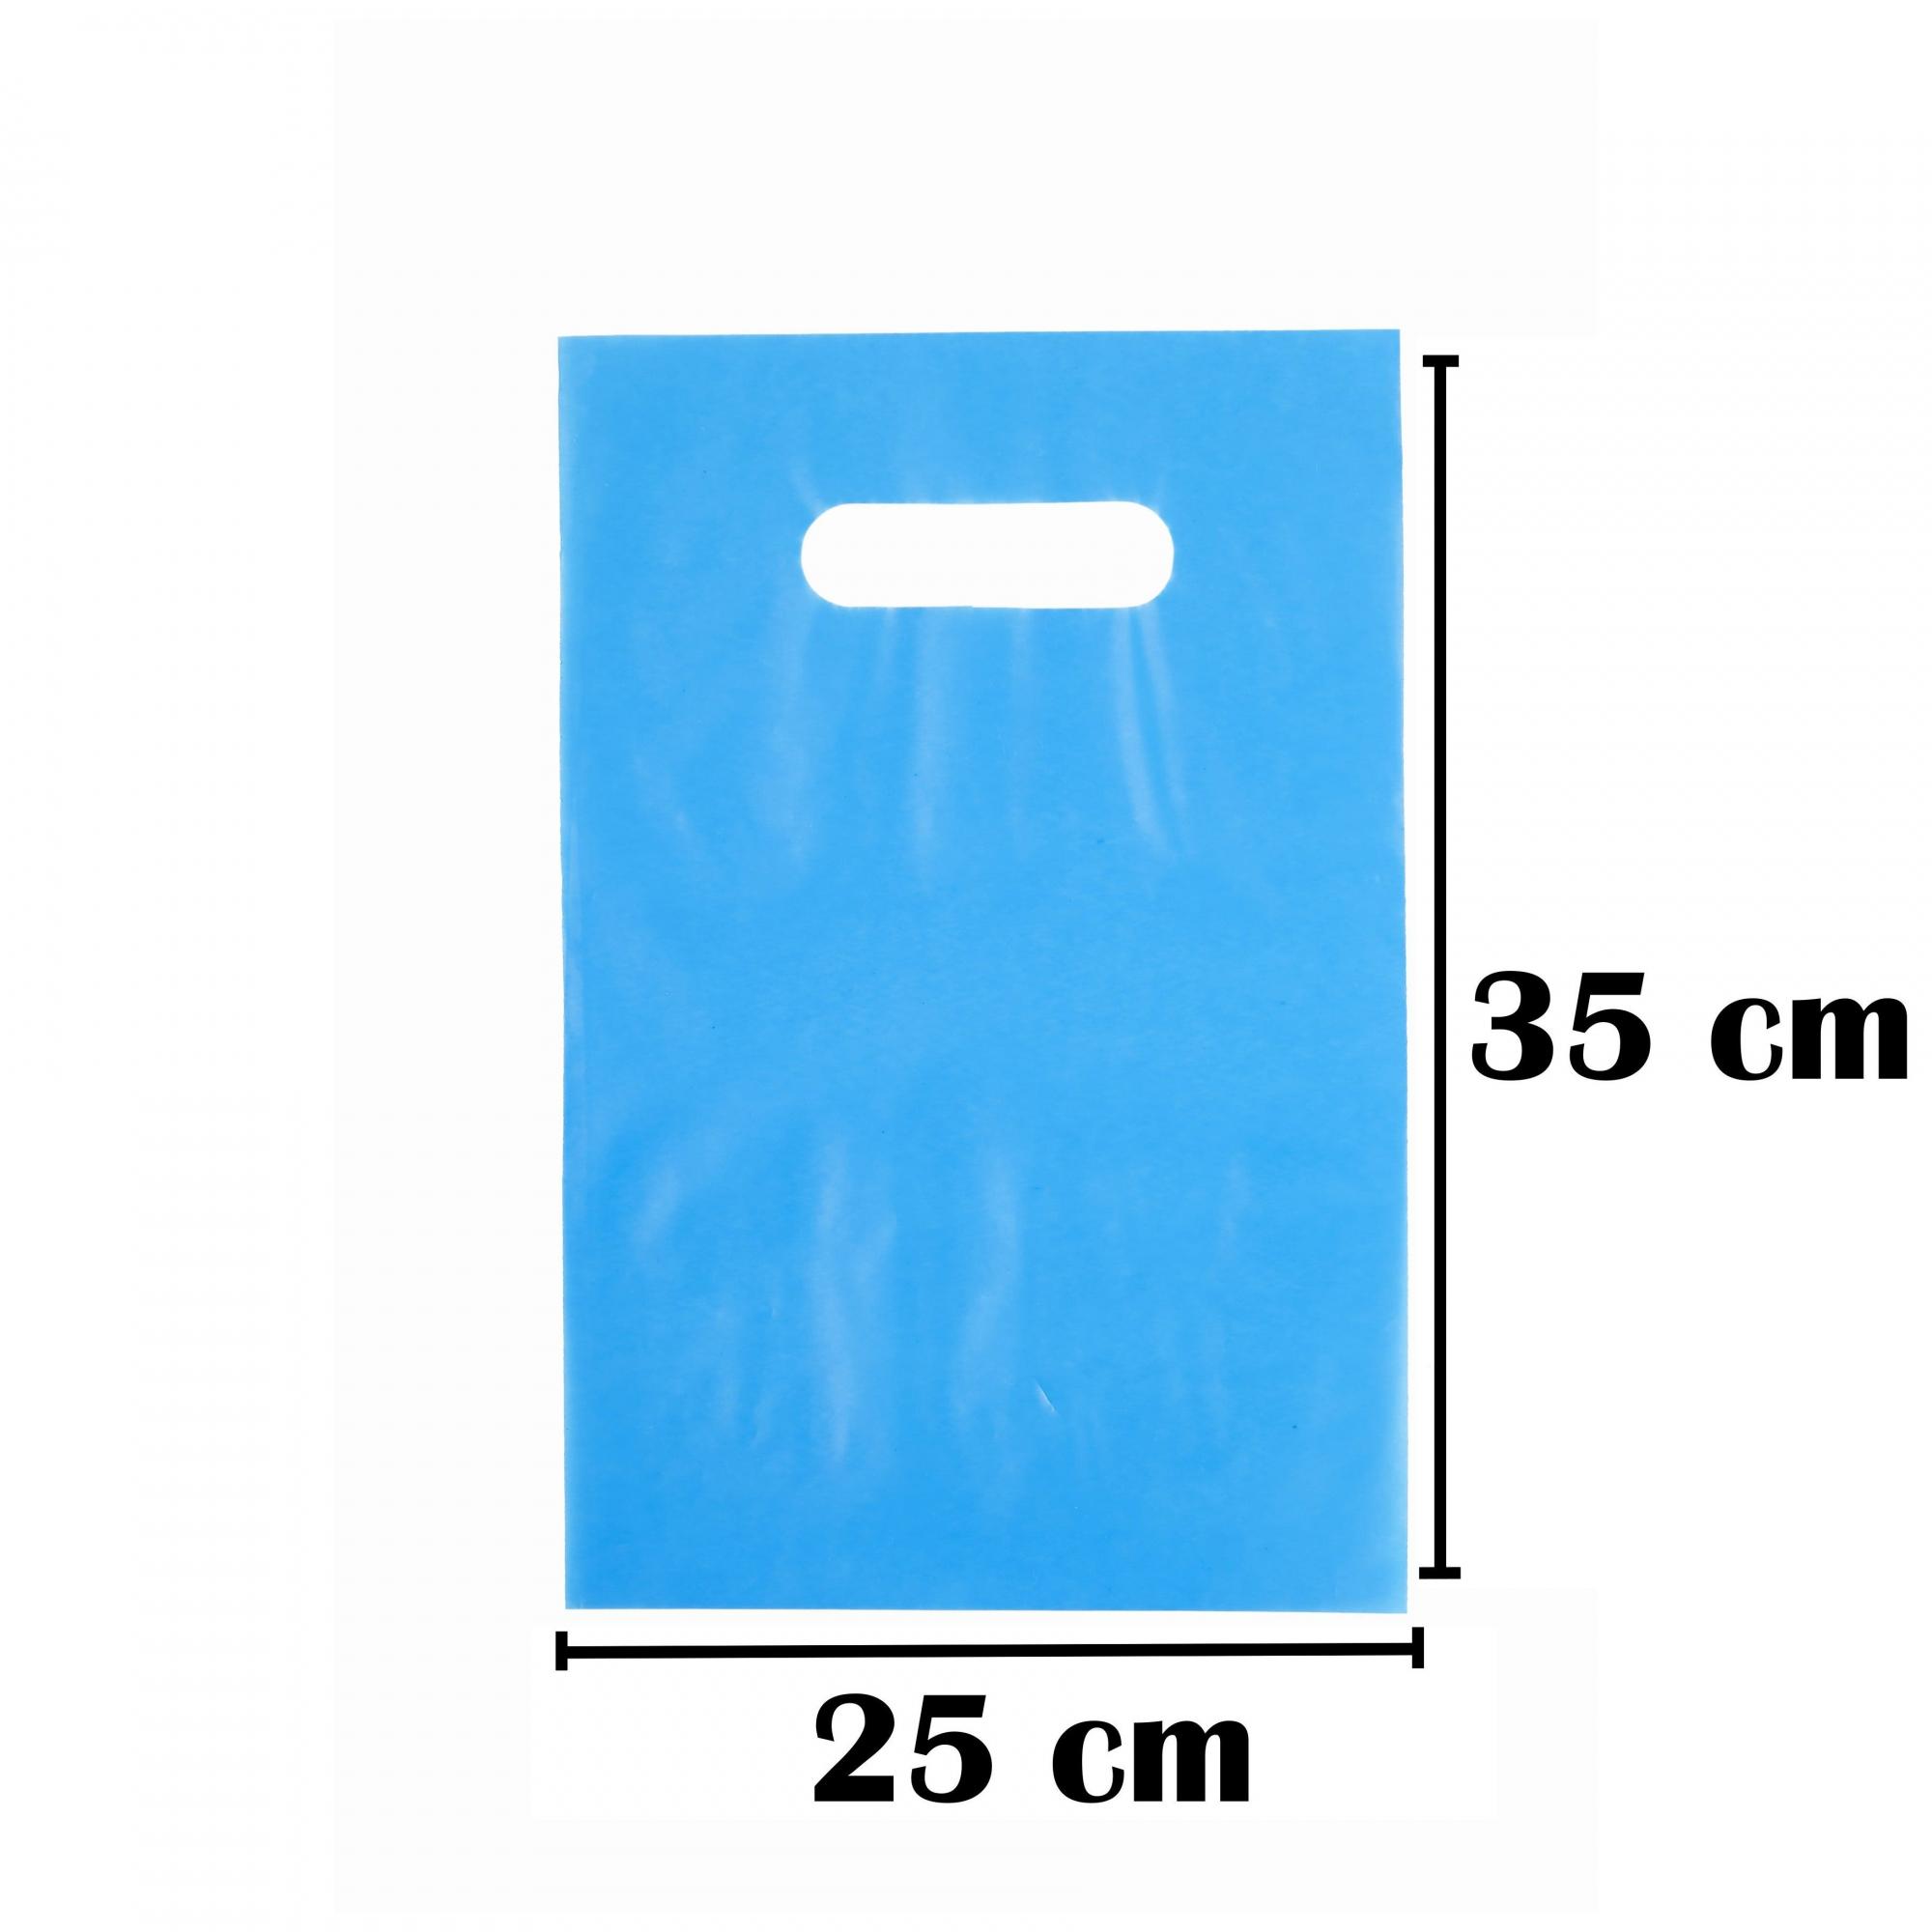 Sacola Plástica 25x35 Azul Alça Boca de Palhaço 250 Unidades